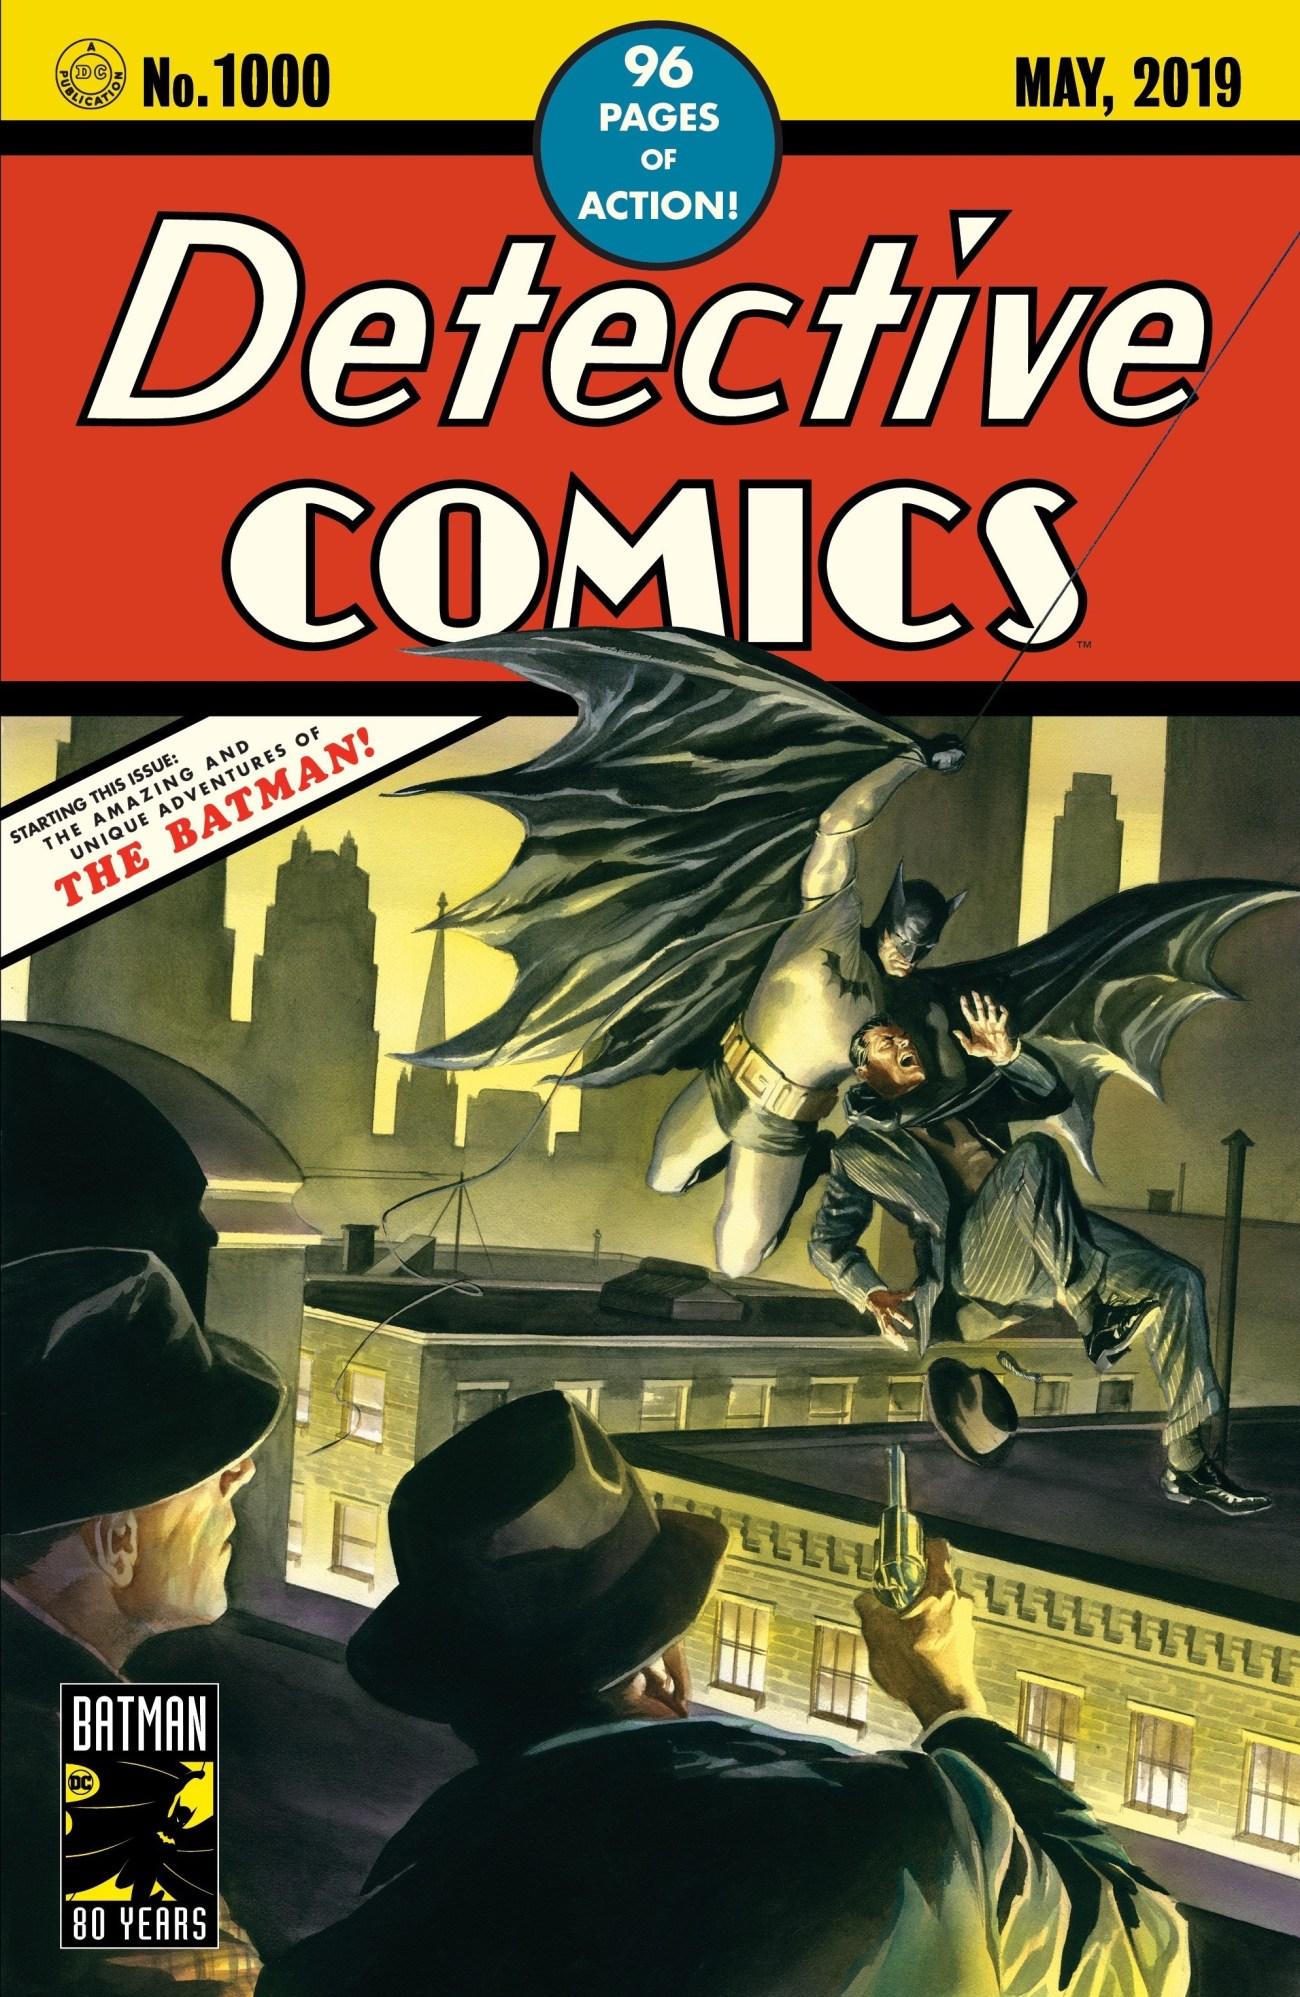 Portada variante de Detective Comics #1,000 (mayo de 2019) por Alex Ross. Imagen: alexrossart.com